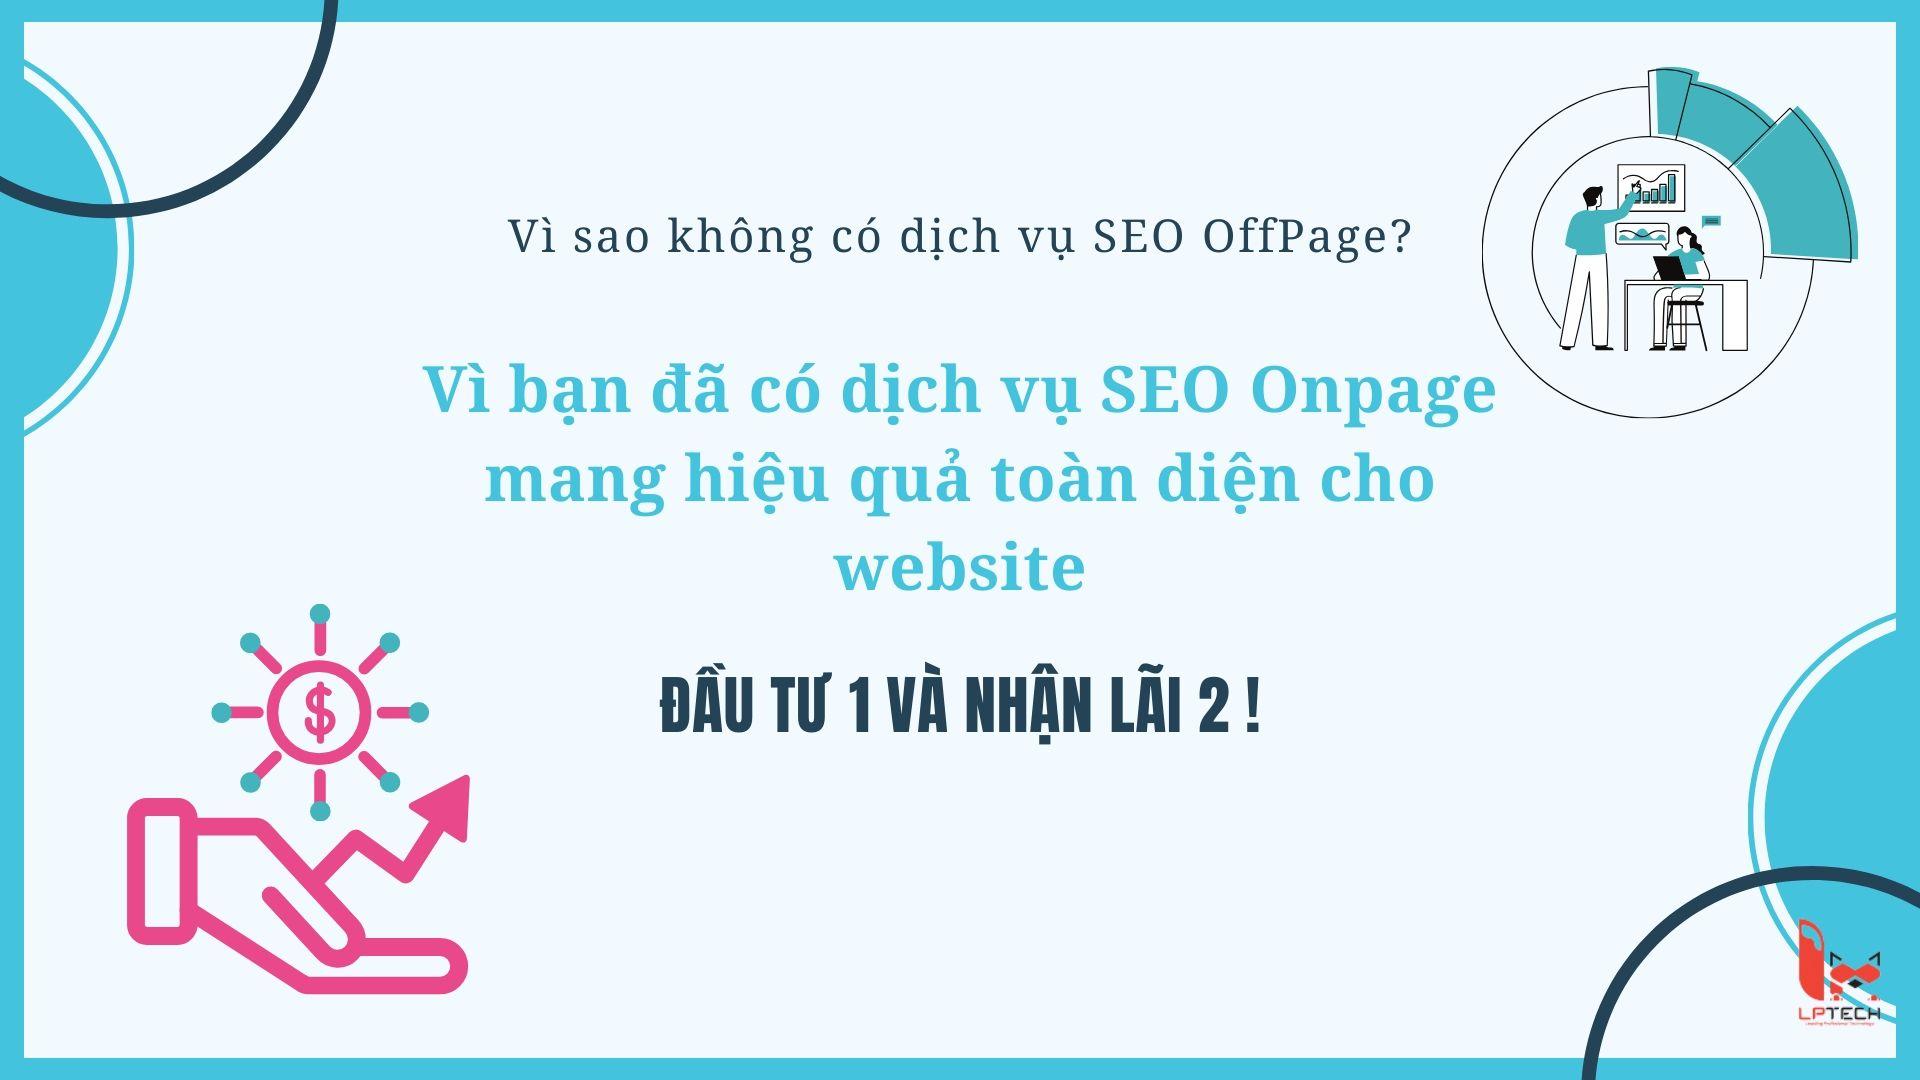 Vì sao nên sử dụng dịch vụ SEO Onpage